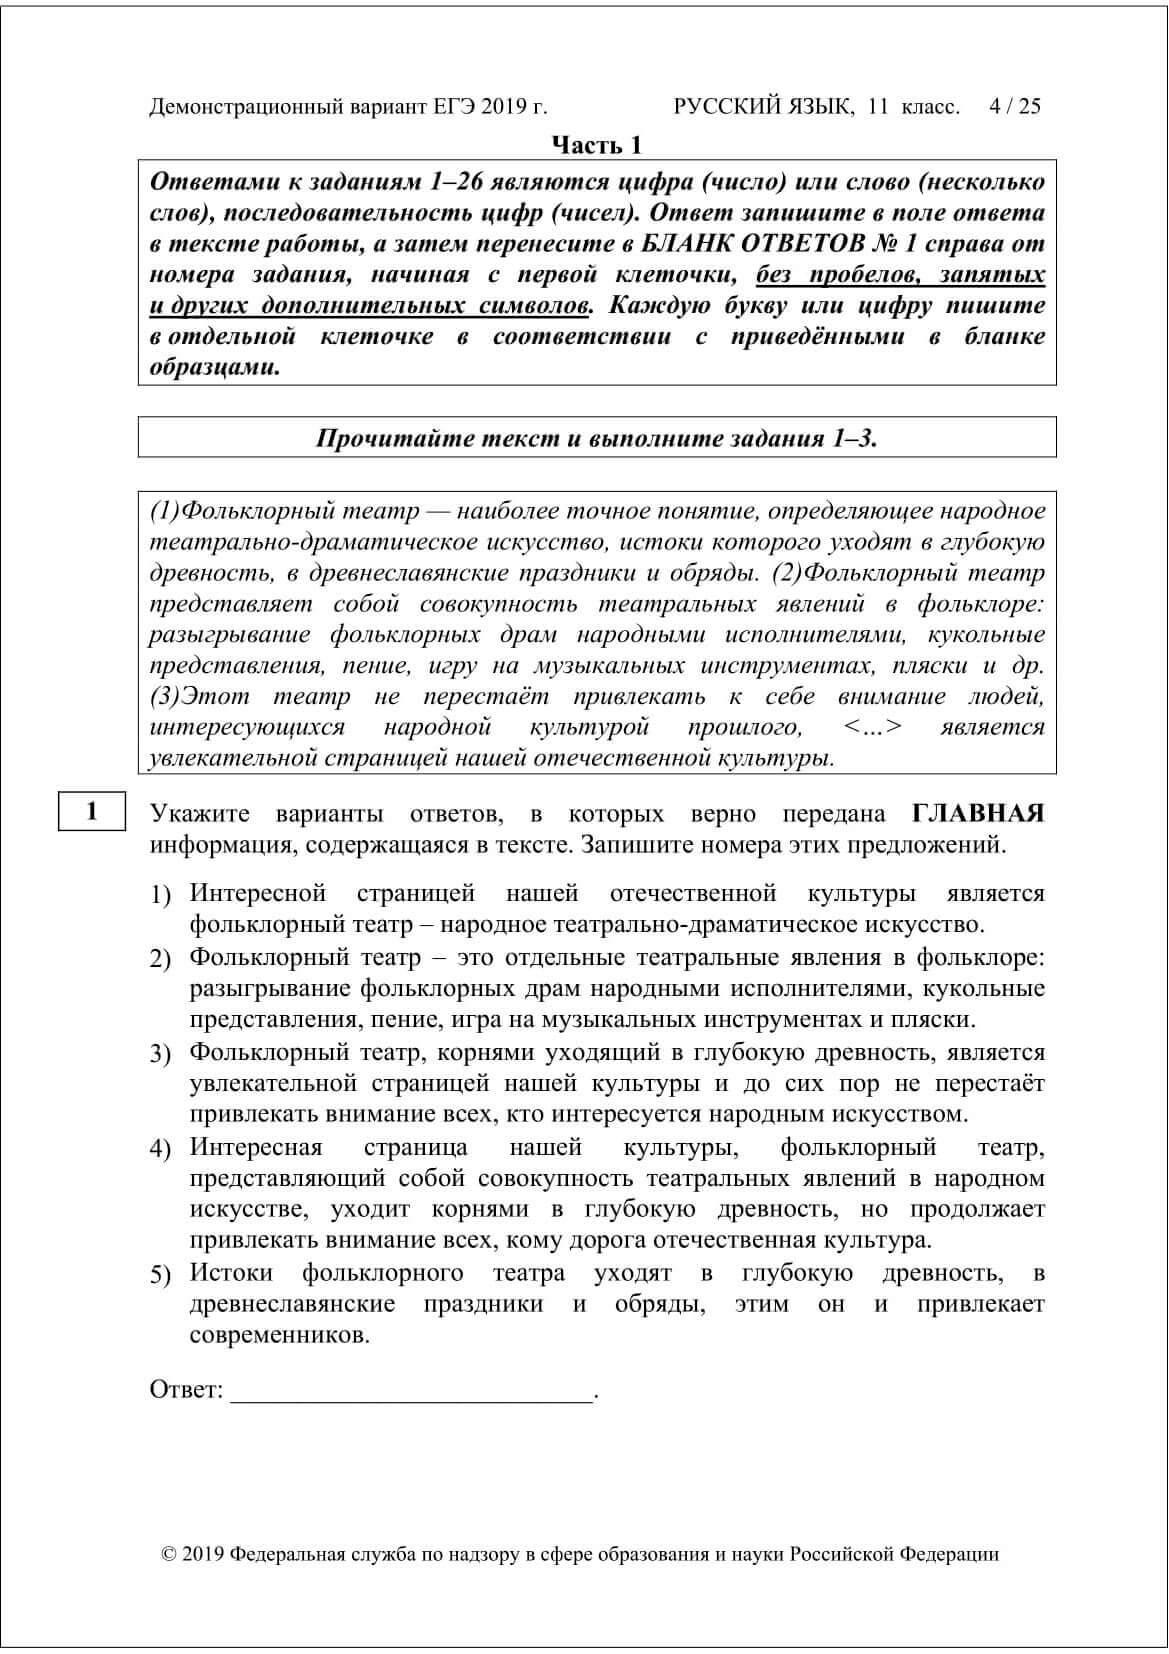 Демонстрационный вариант ЕГЭ по русскому языку 2019